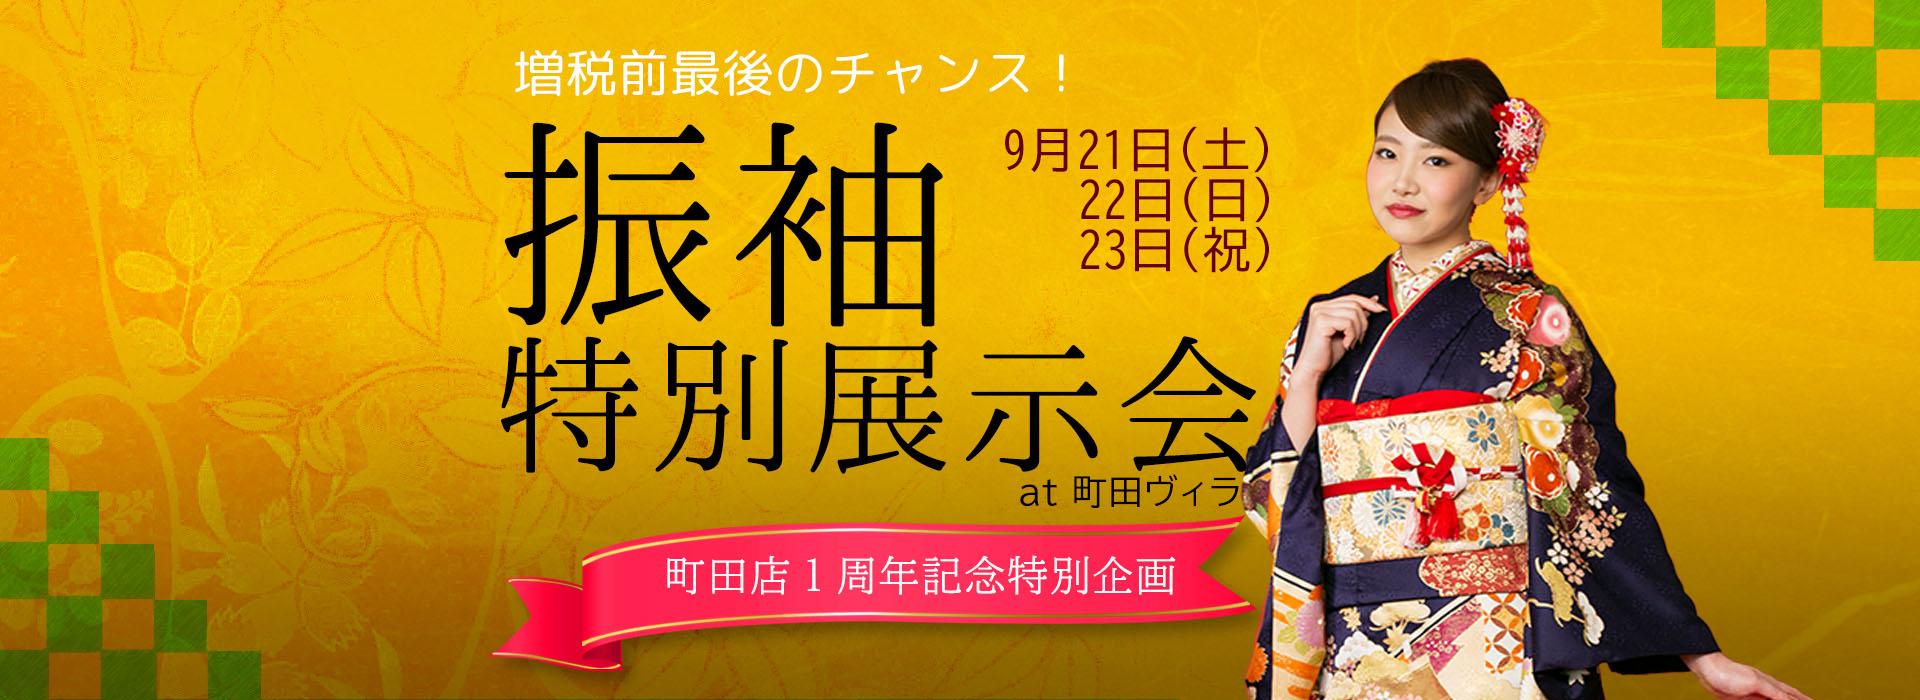 町田店一周年記念 振袖特別展示会